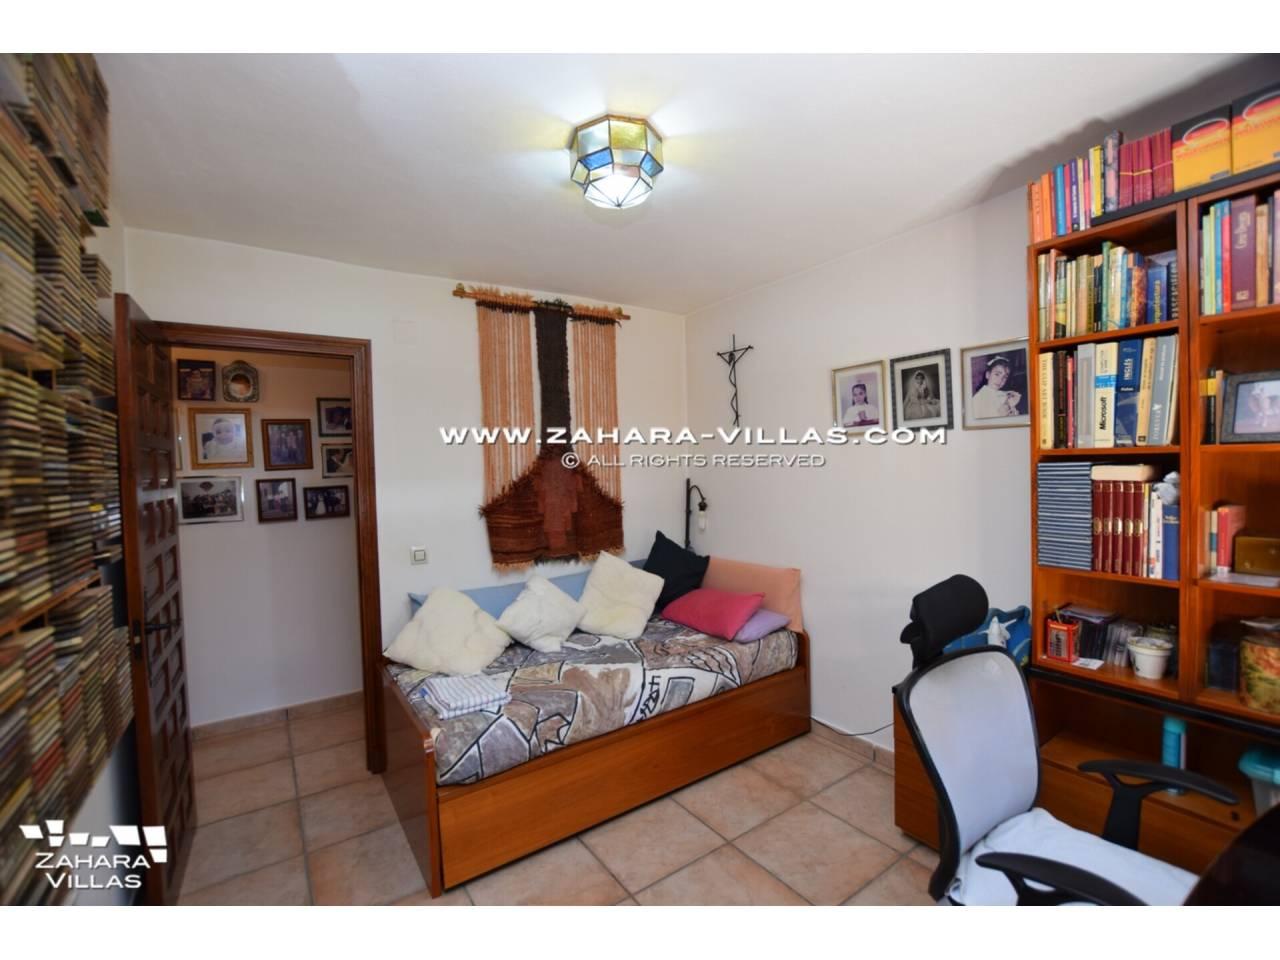 Imagen 25 de Apartamento en venta en urbanización Jardines de Zahara - Atlanterra